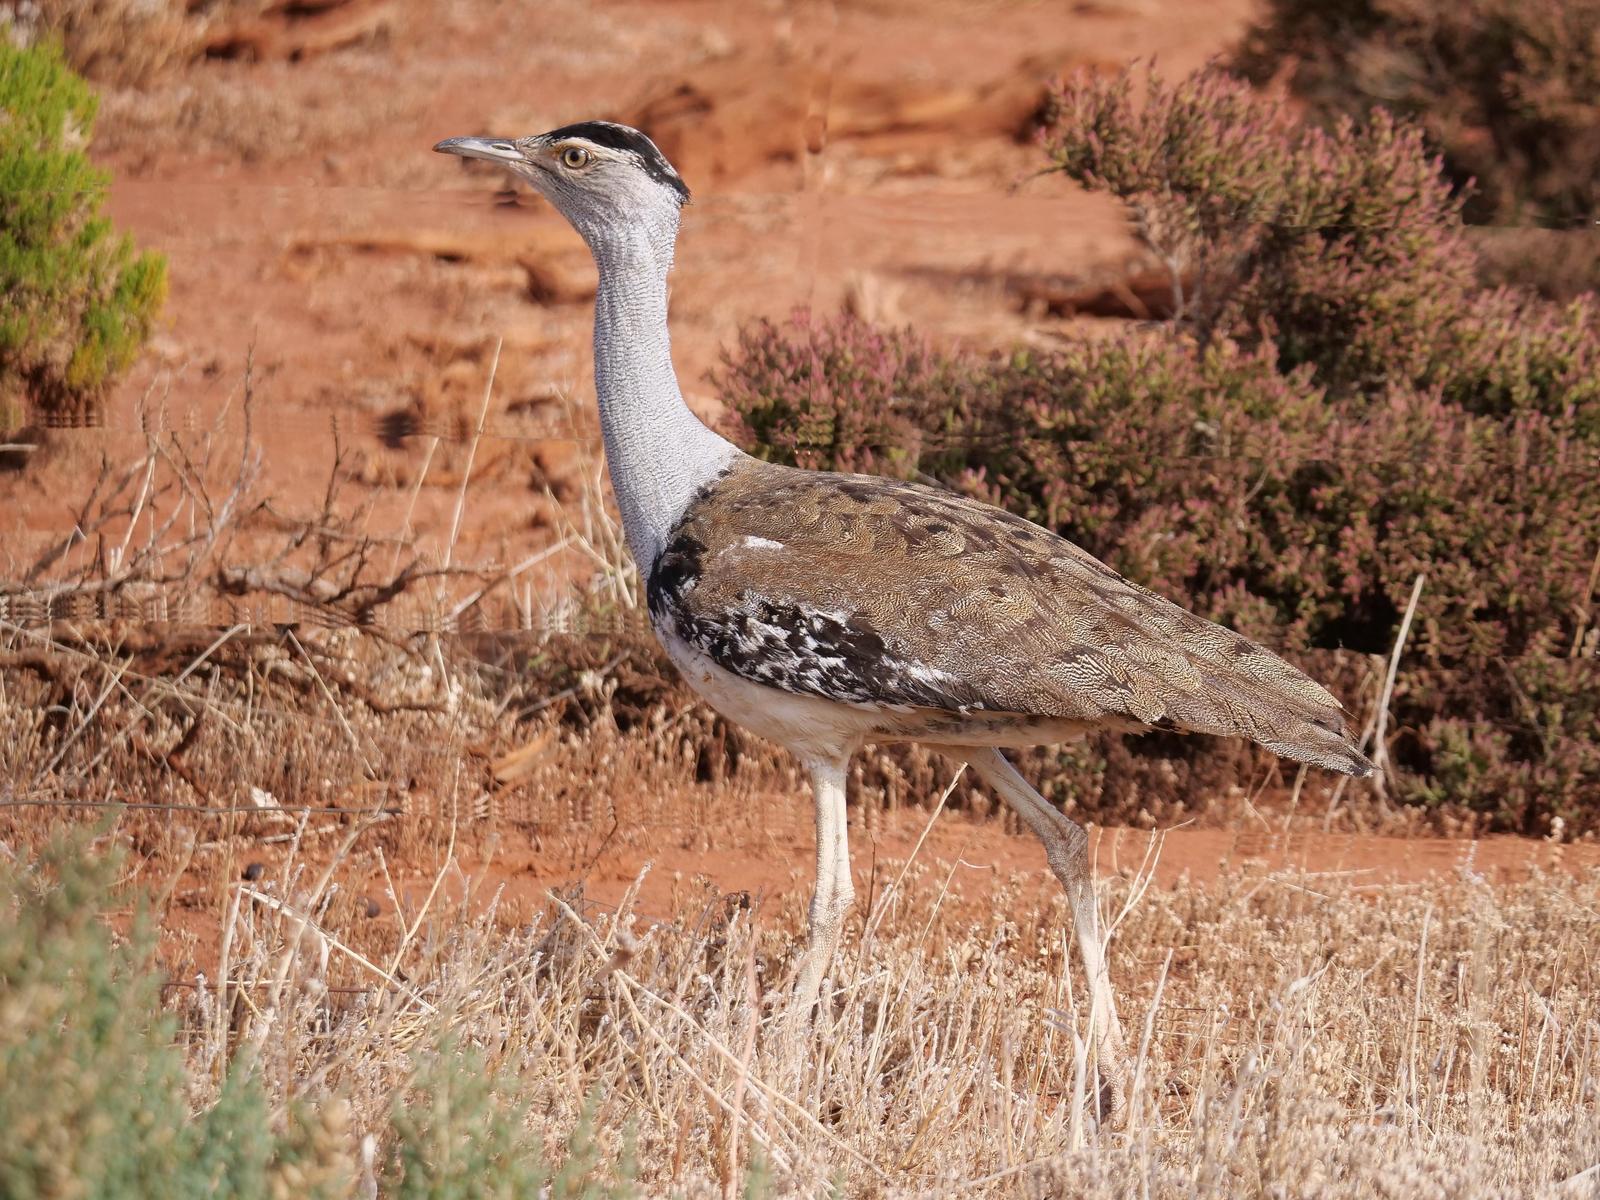 Australian Bustard Photo by Peter Lowe